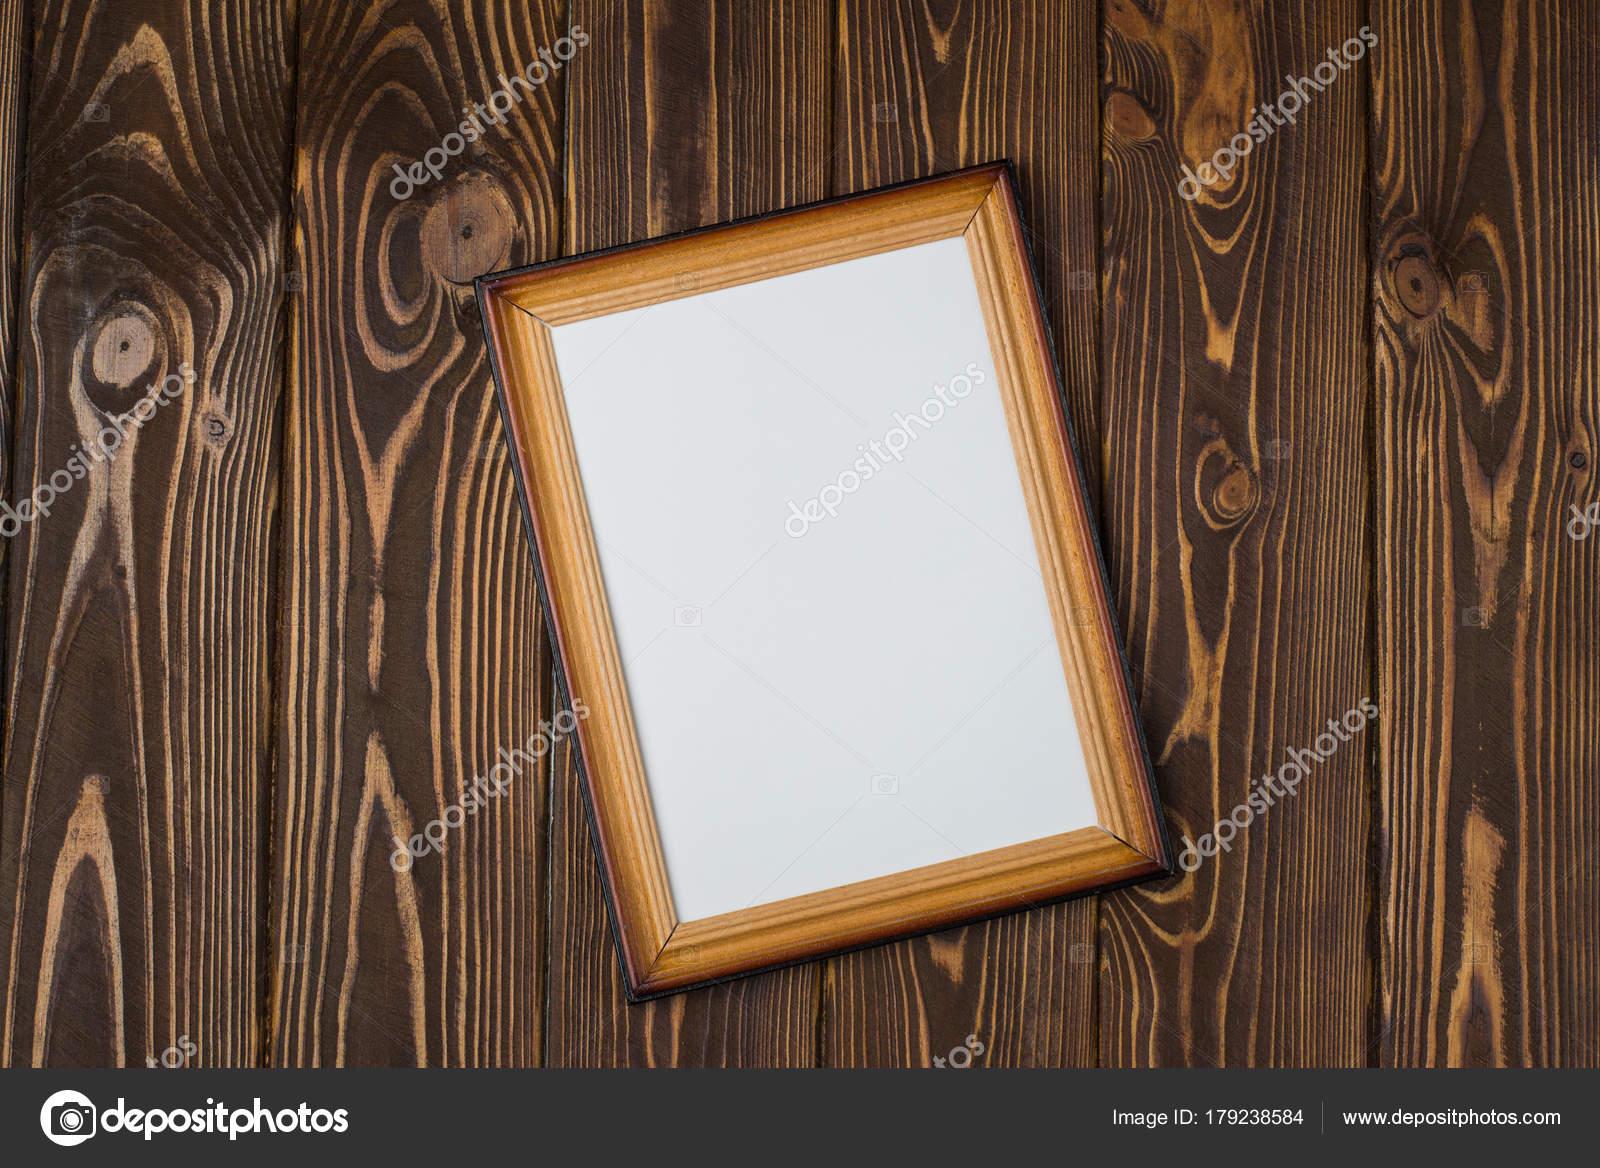 Marco de madera oscura con un cuadro vacío, sobre un fondo oscuro ...